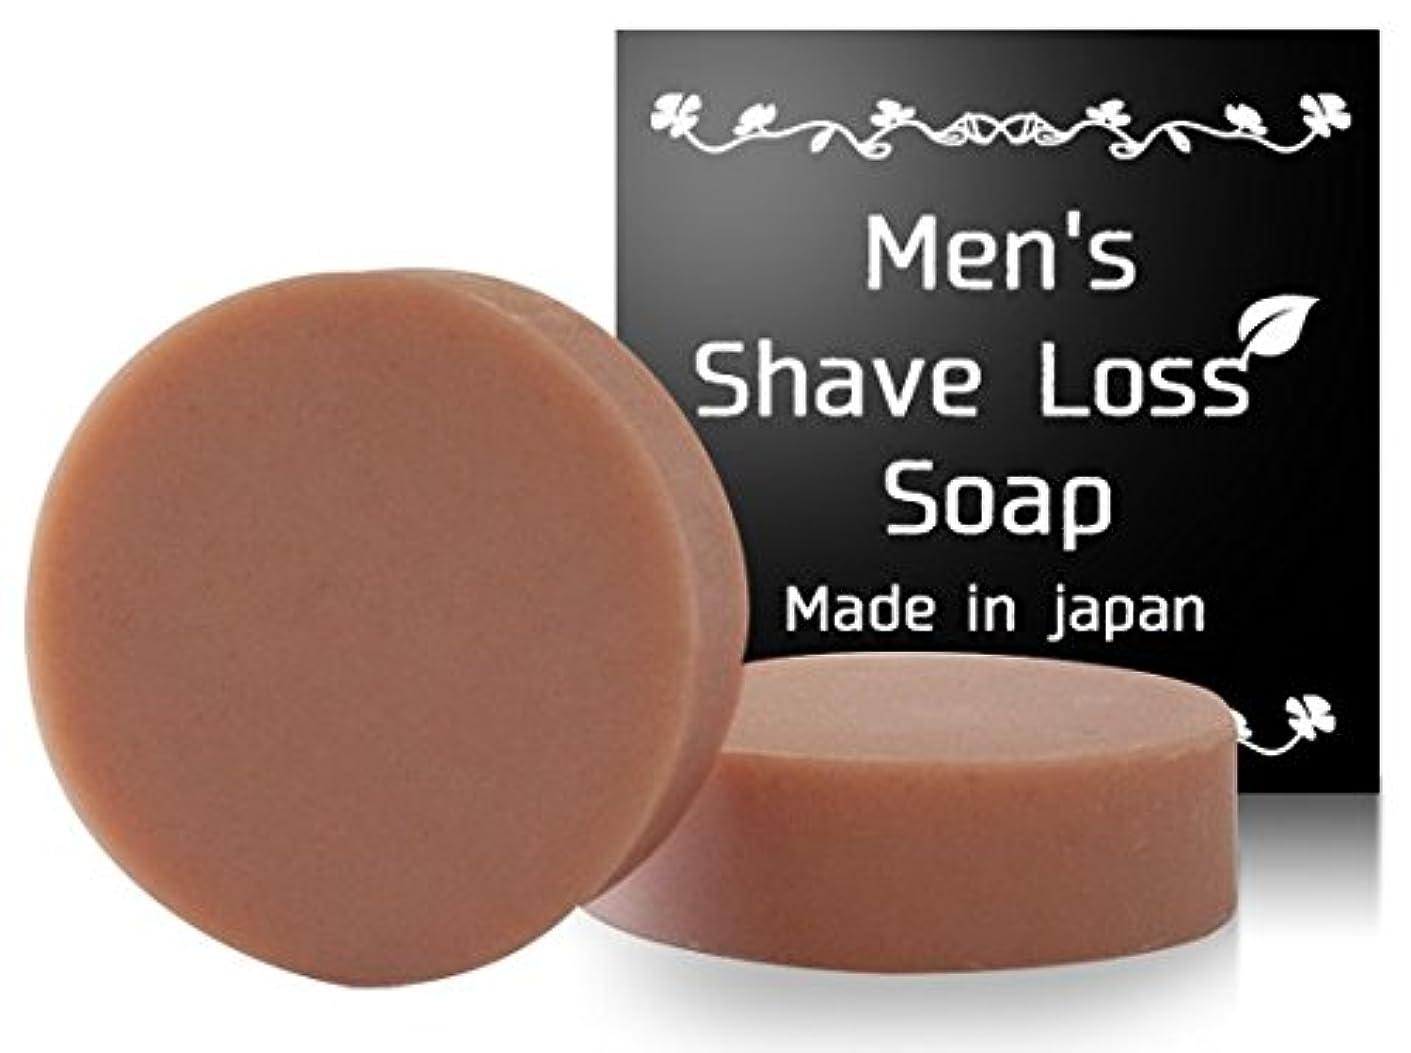 瞑想夕食を作るネックレスMens Shave Loss Soap シェーブロス 剛毛は嫌!ツルツル過ぎも嫌! そんな夢を叶えた奇跡の石鹸! 【男性専用】(1個)